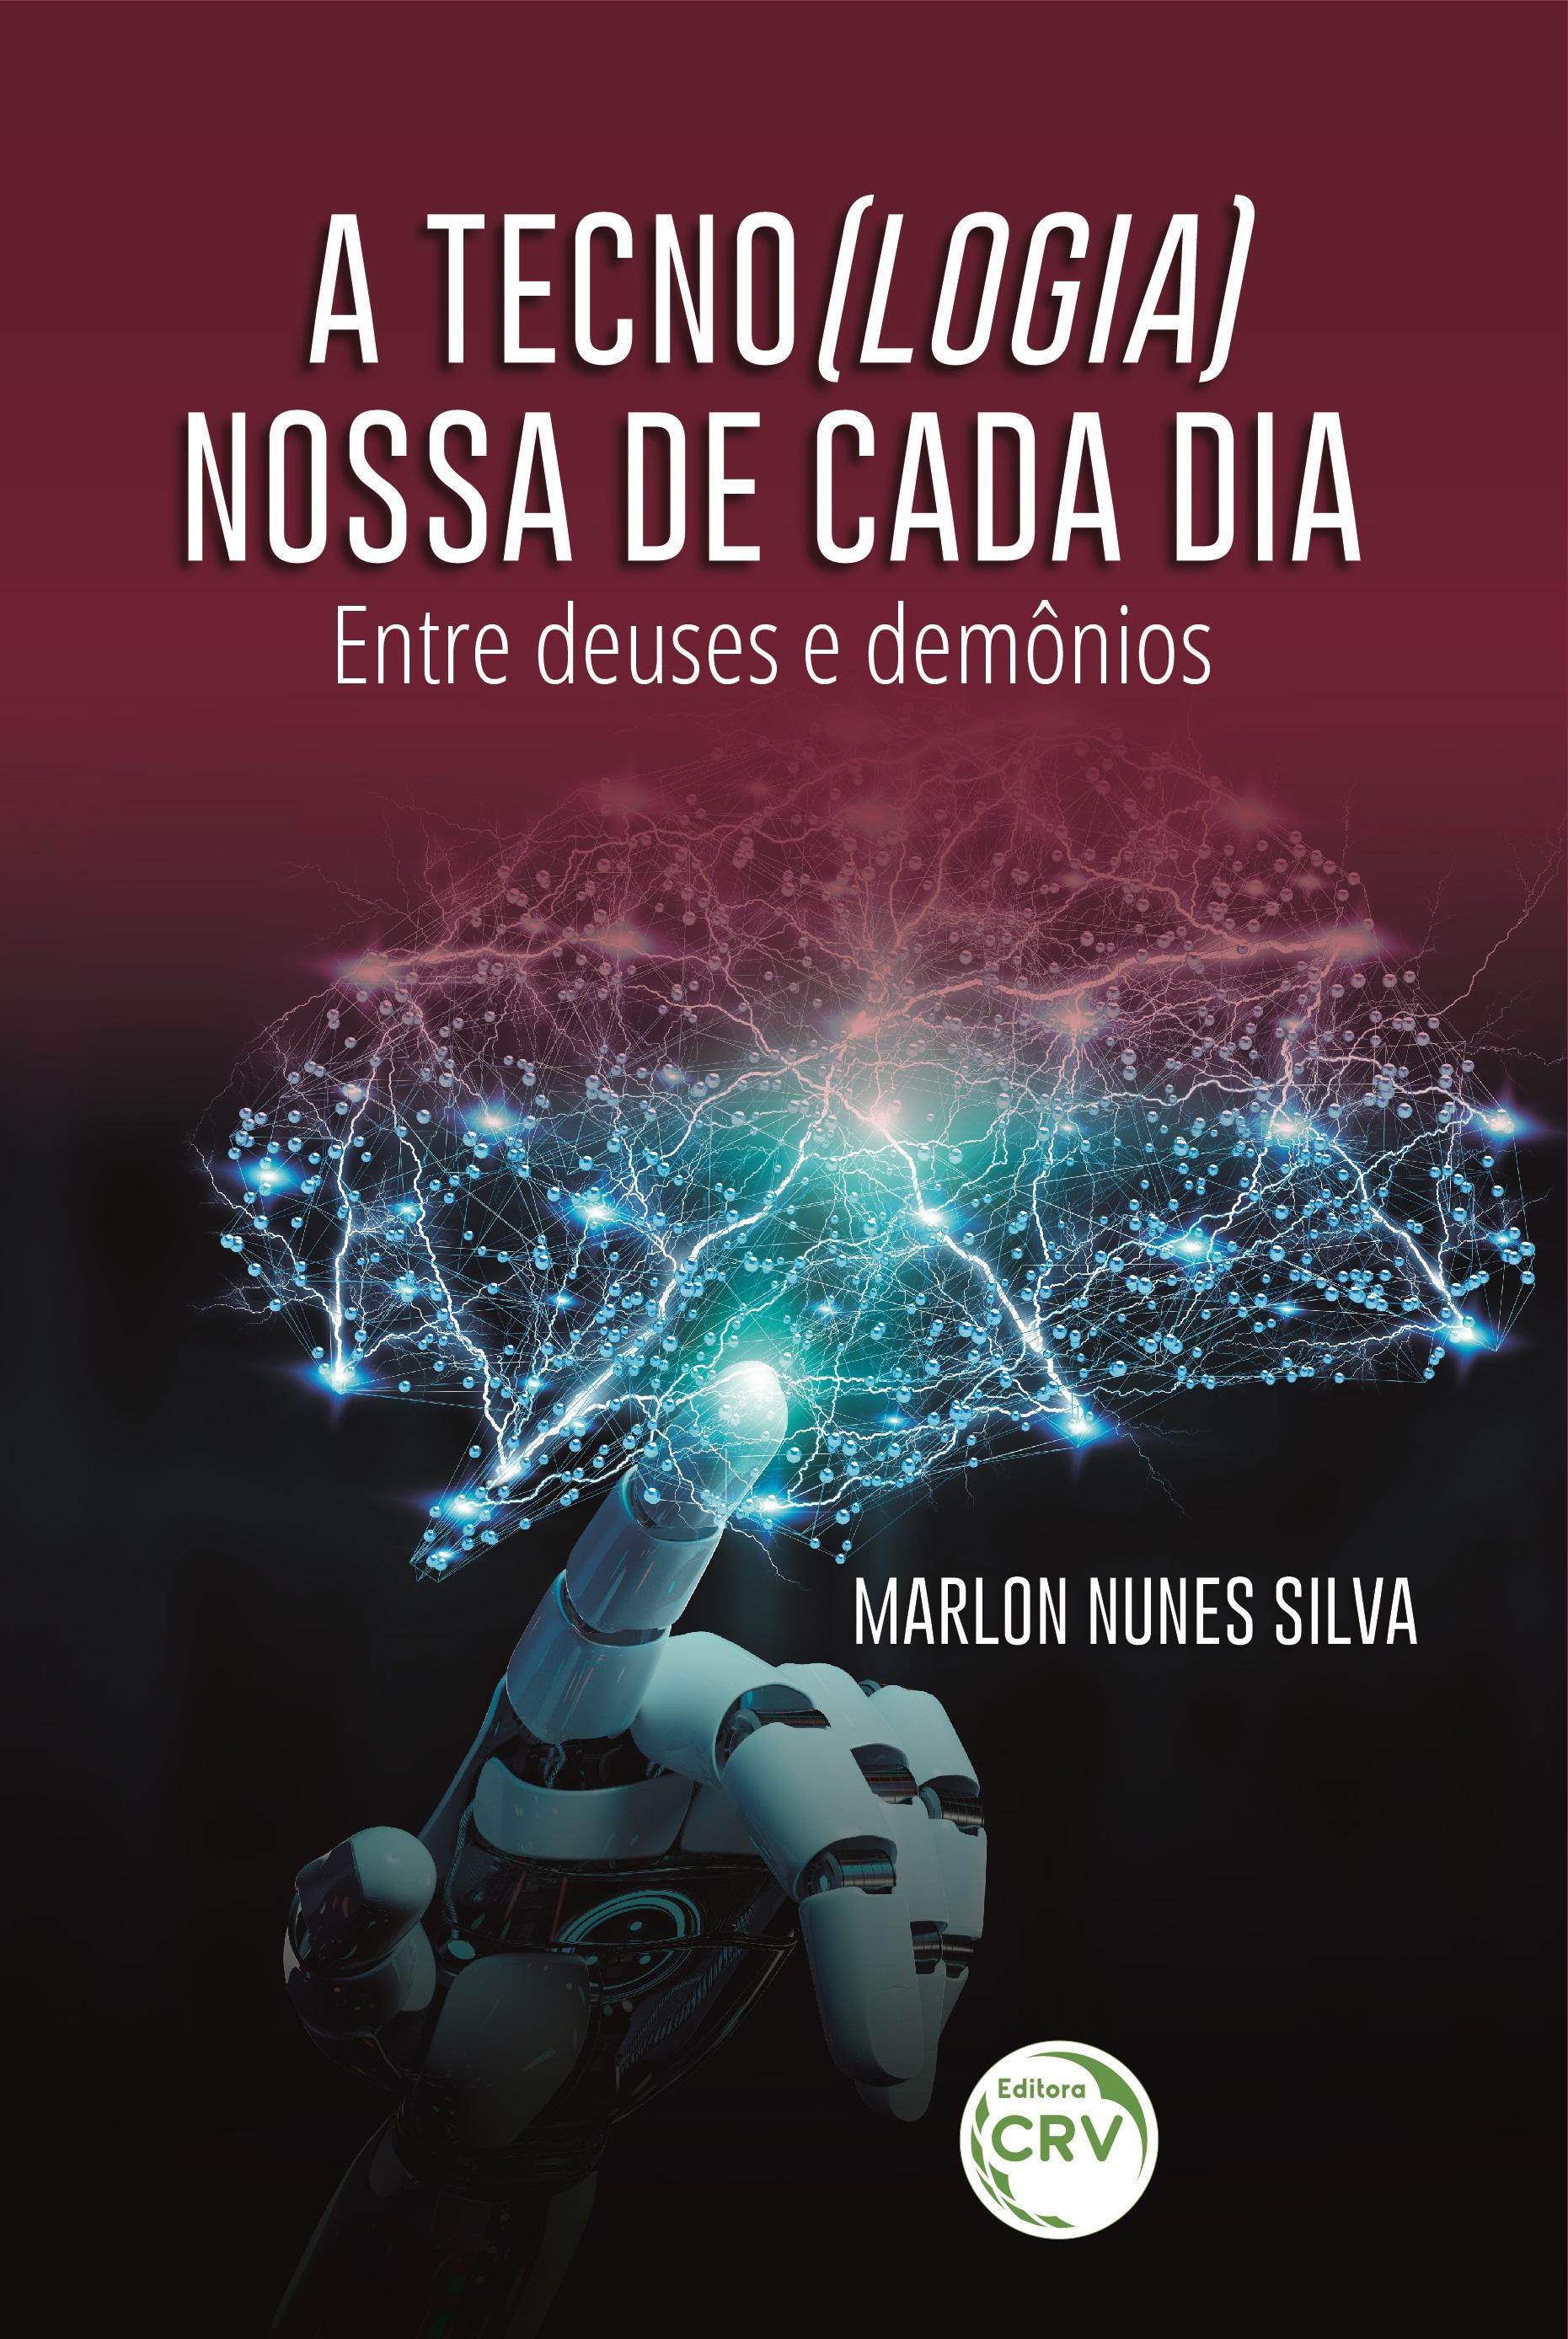 Capa do livro: A TECNO(LOGIA) NOSSA DE CADA DIA: <br>entre deuses e demônios